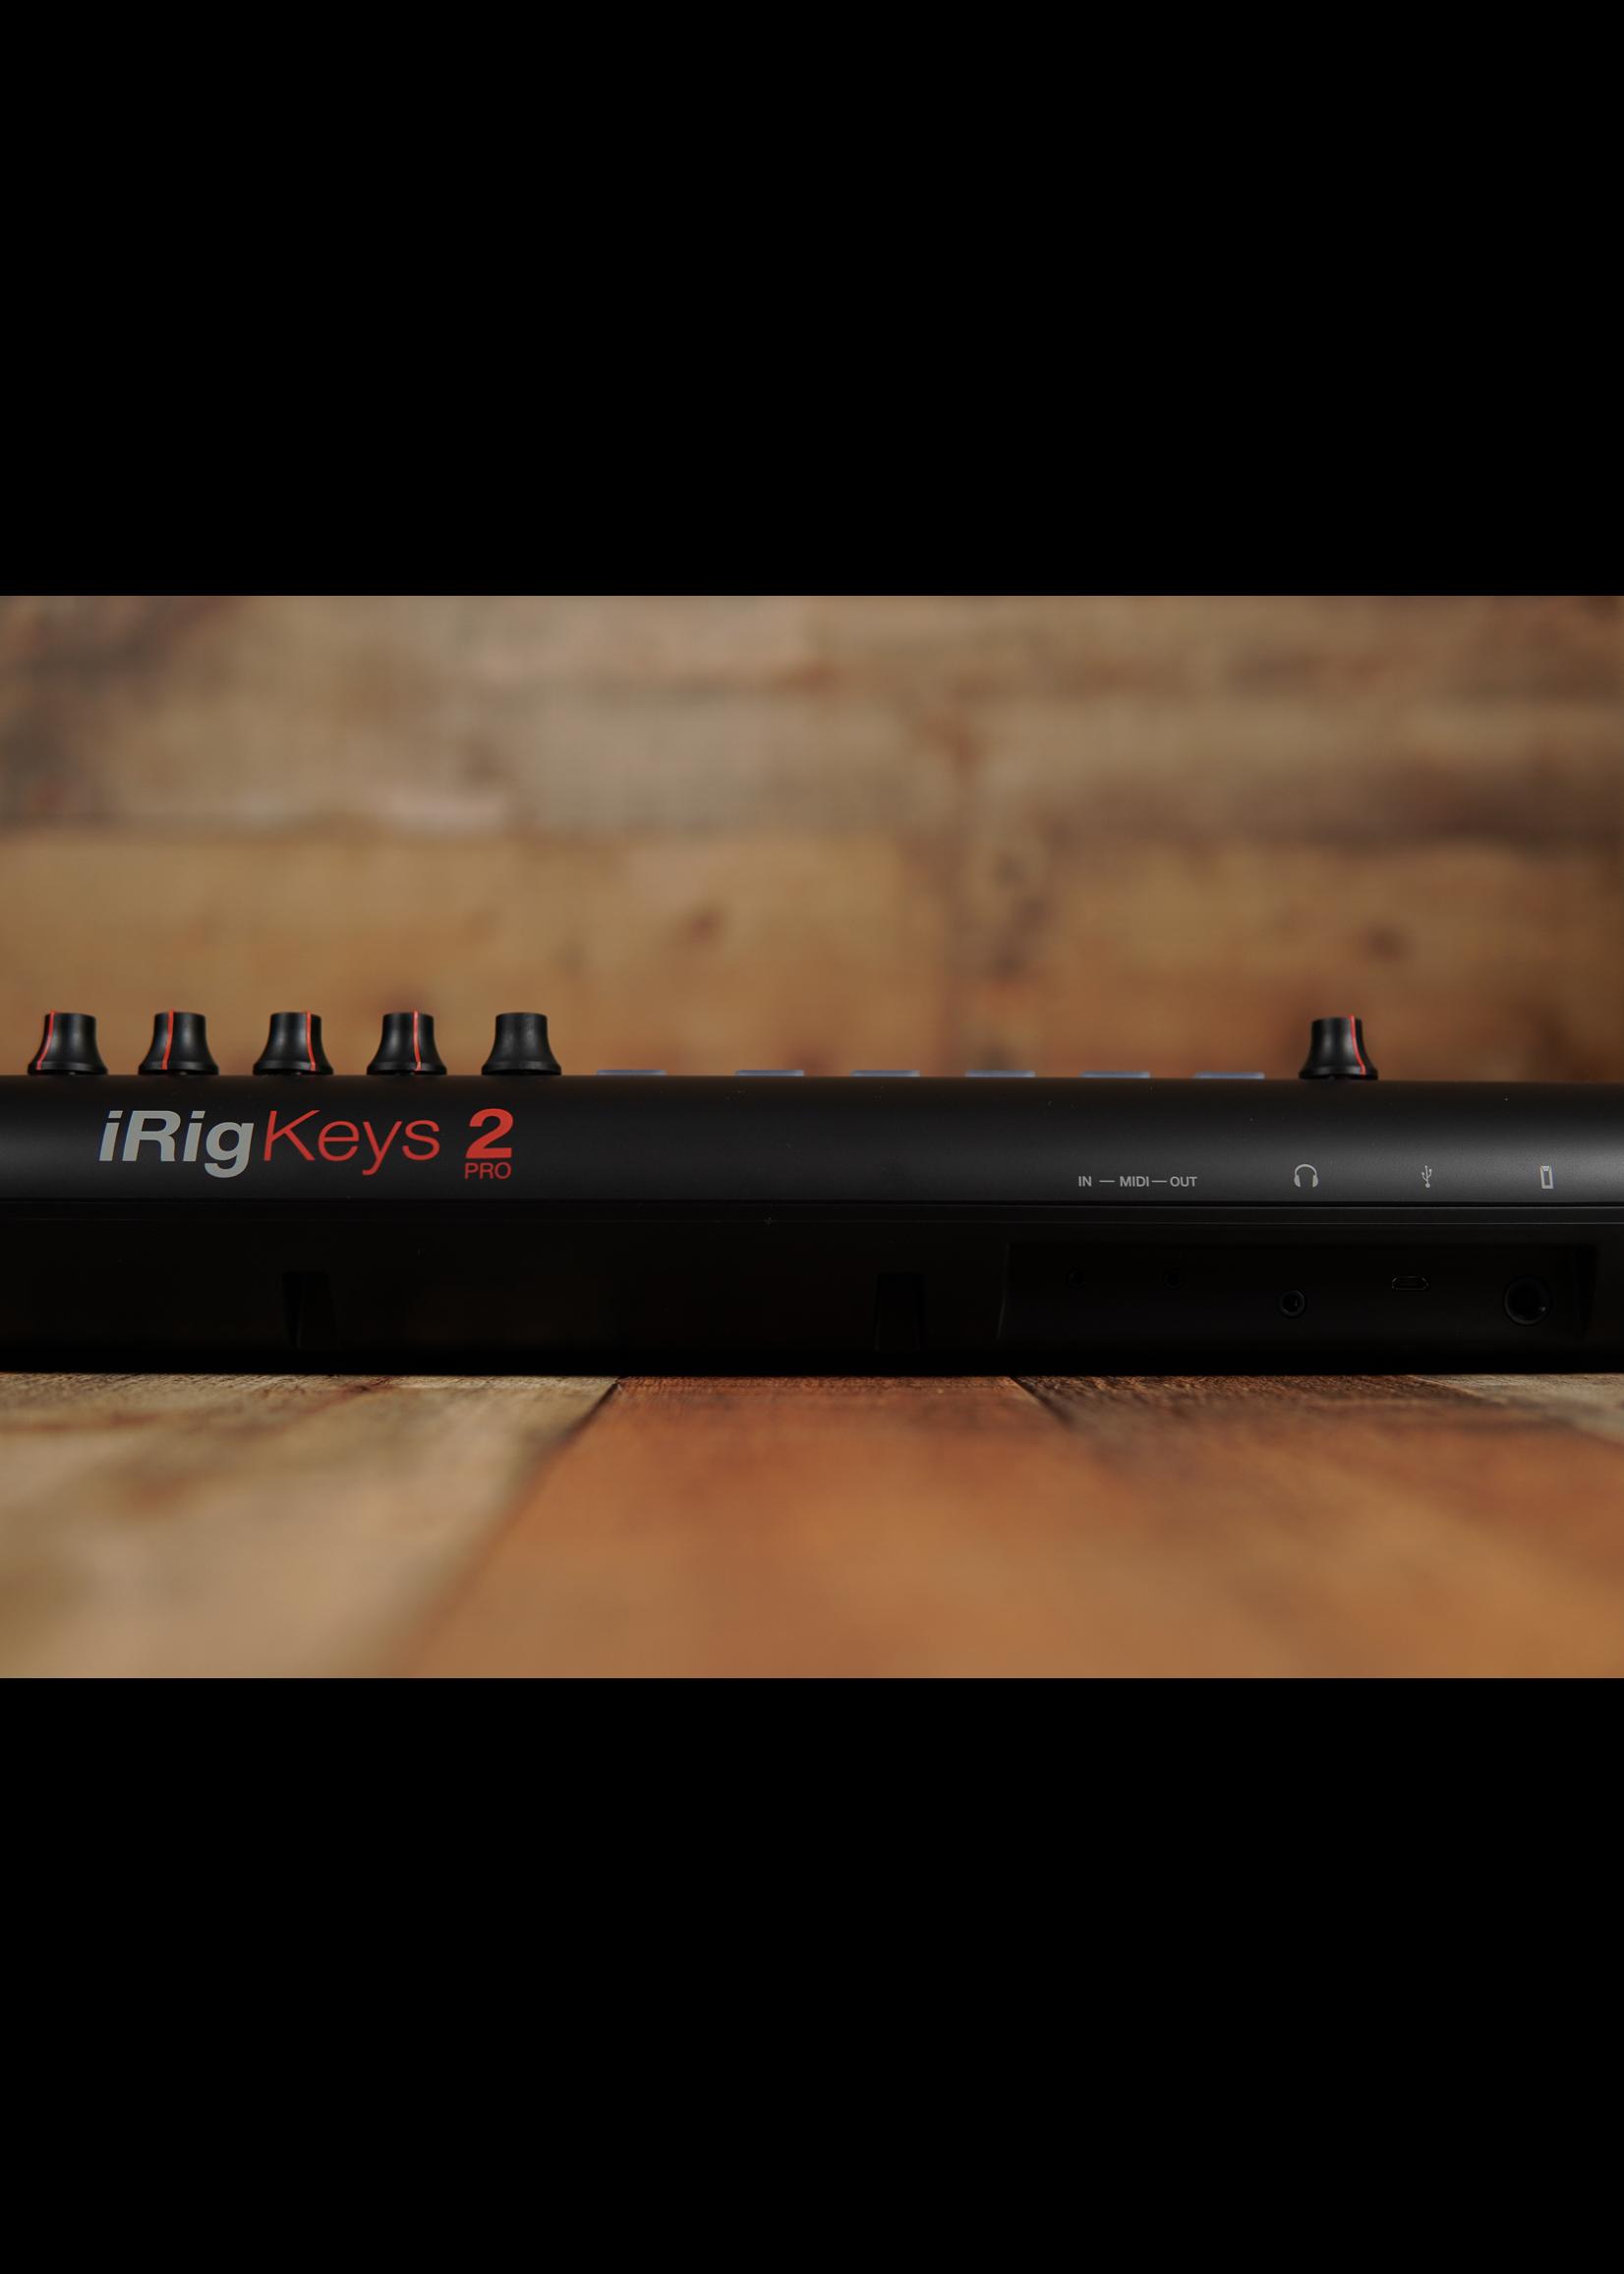 iRig iRig Keys 2 Pro